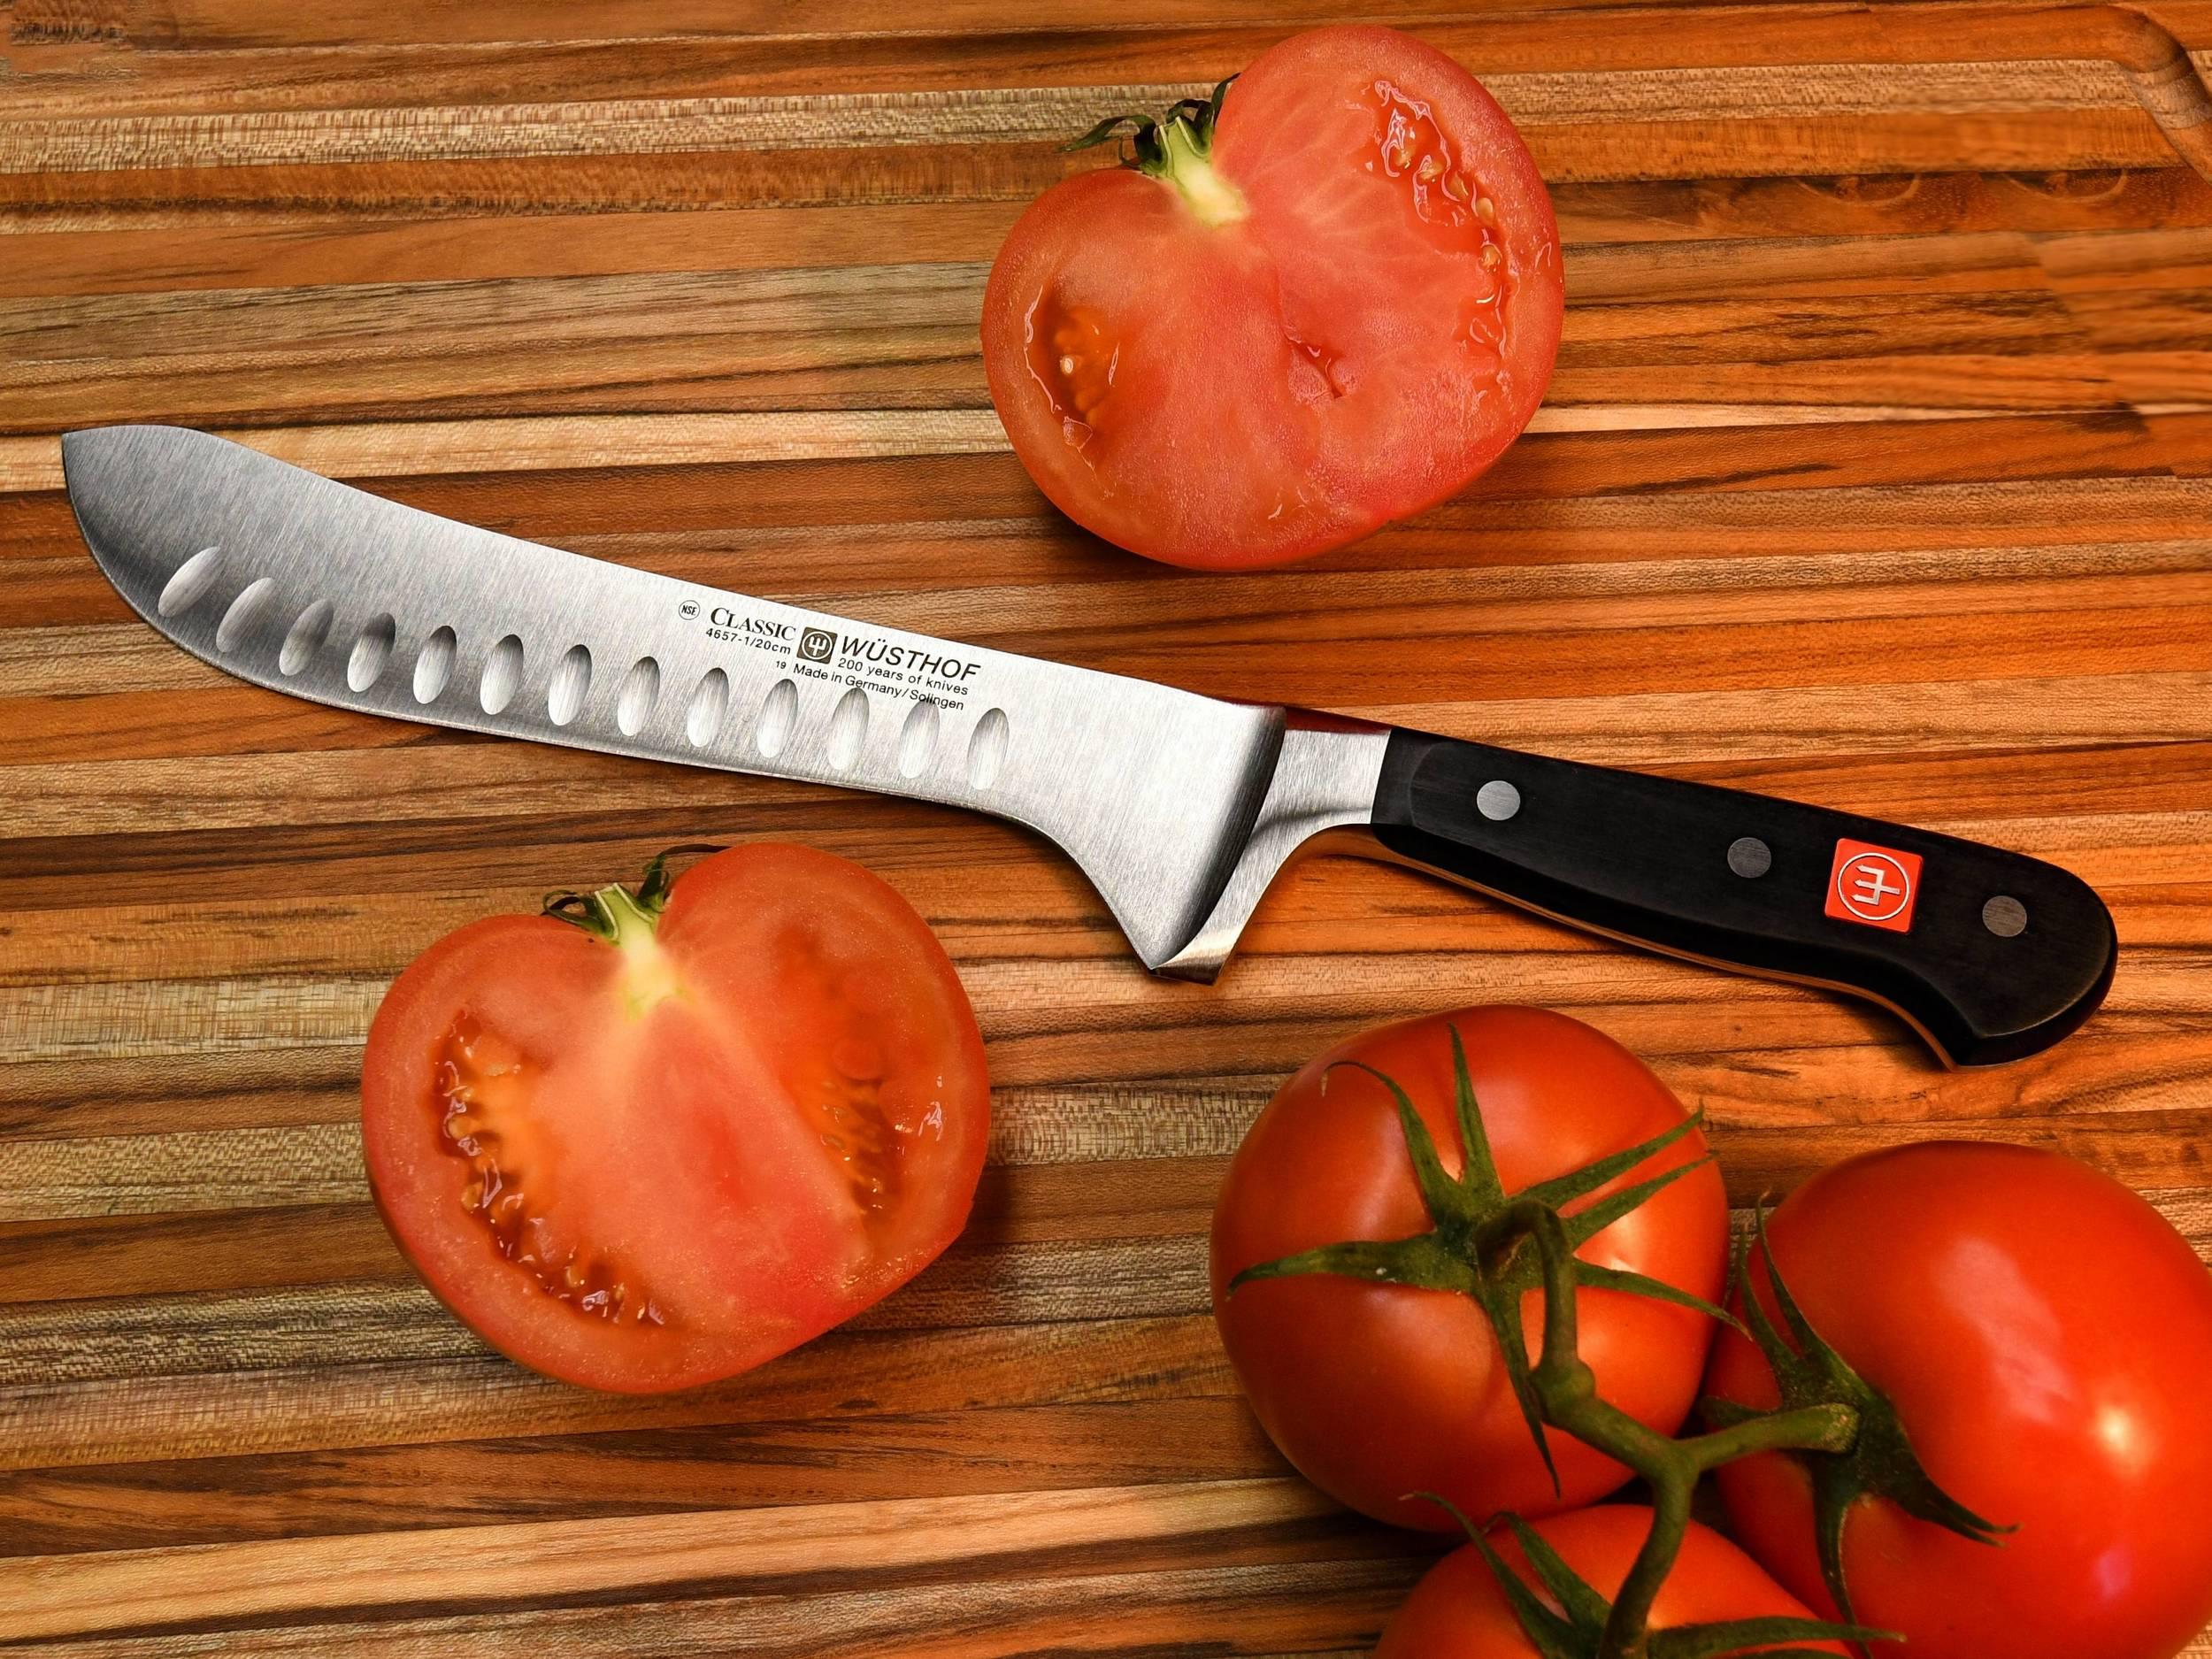 knife-1-43-L.jpg